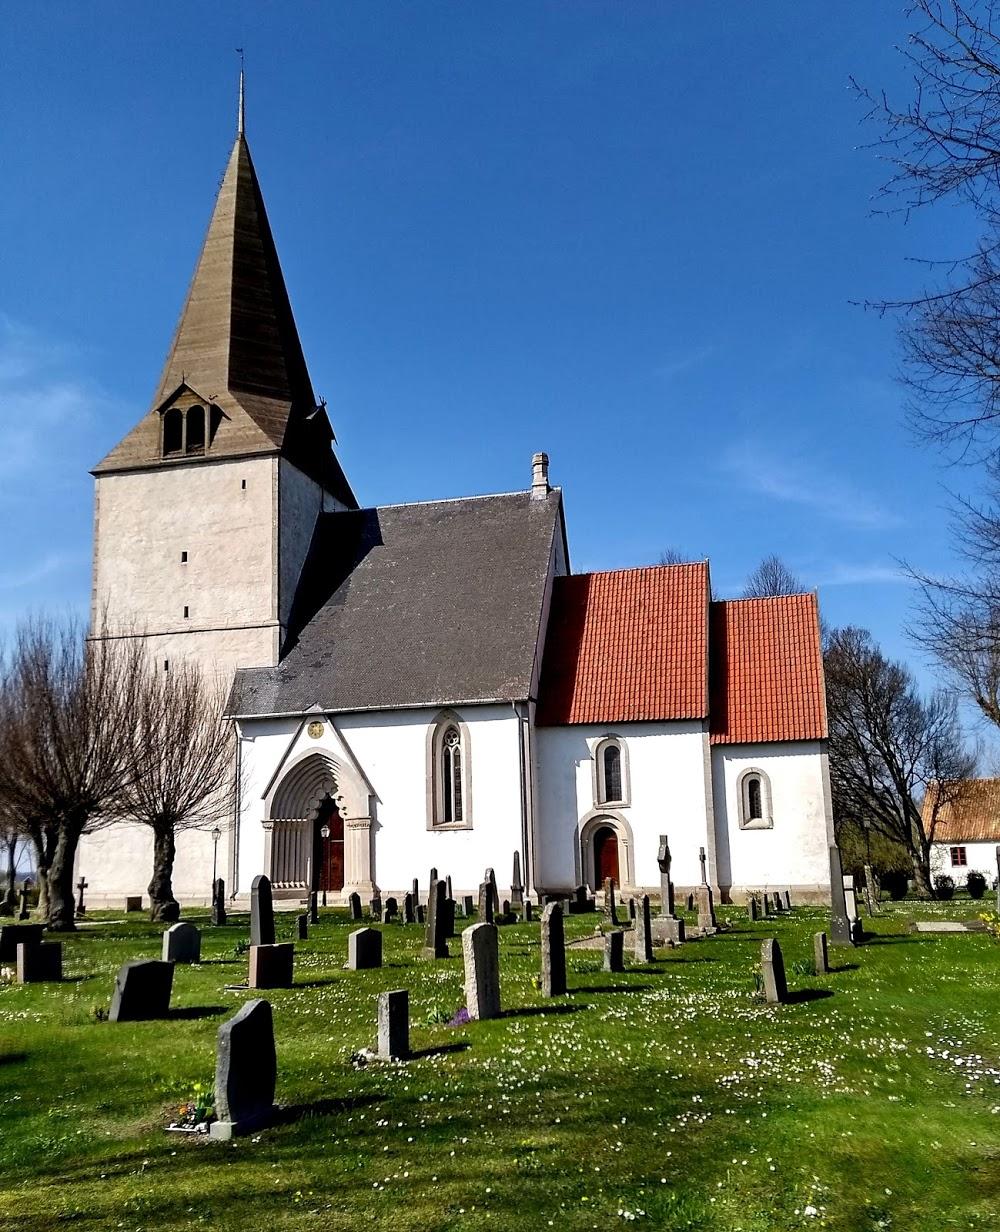 Dalhems kyrkogård